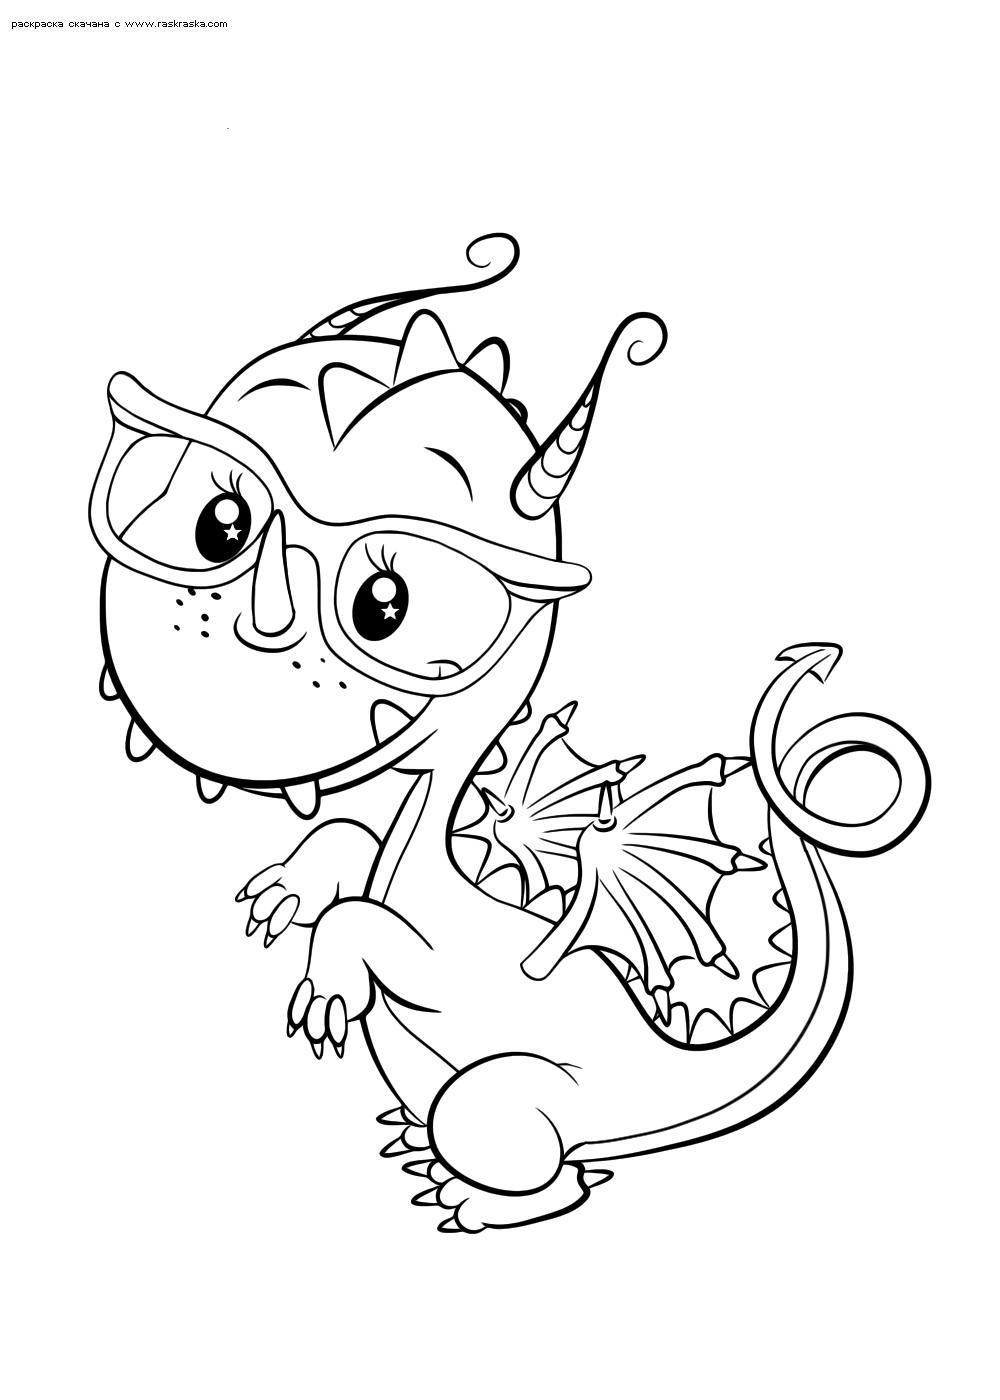 Раскраска Милый дракончик | Раскраски няшных животных ...